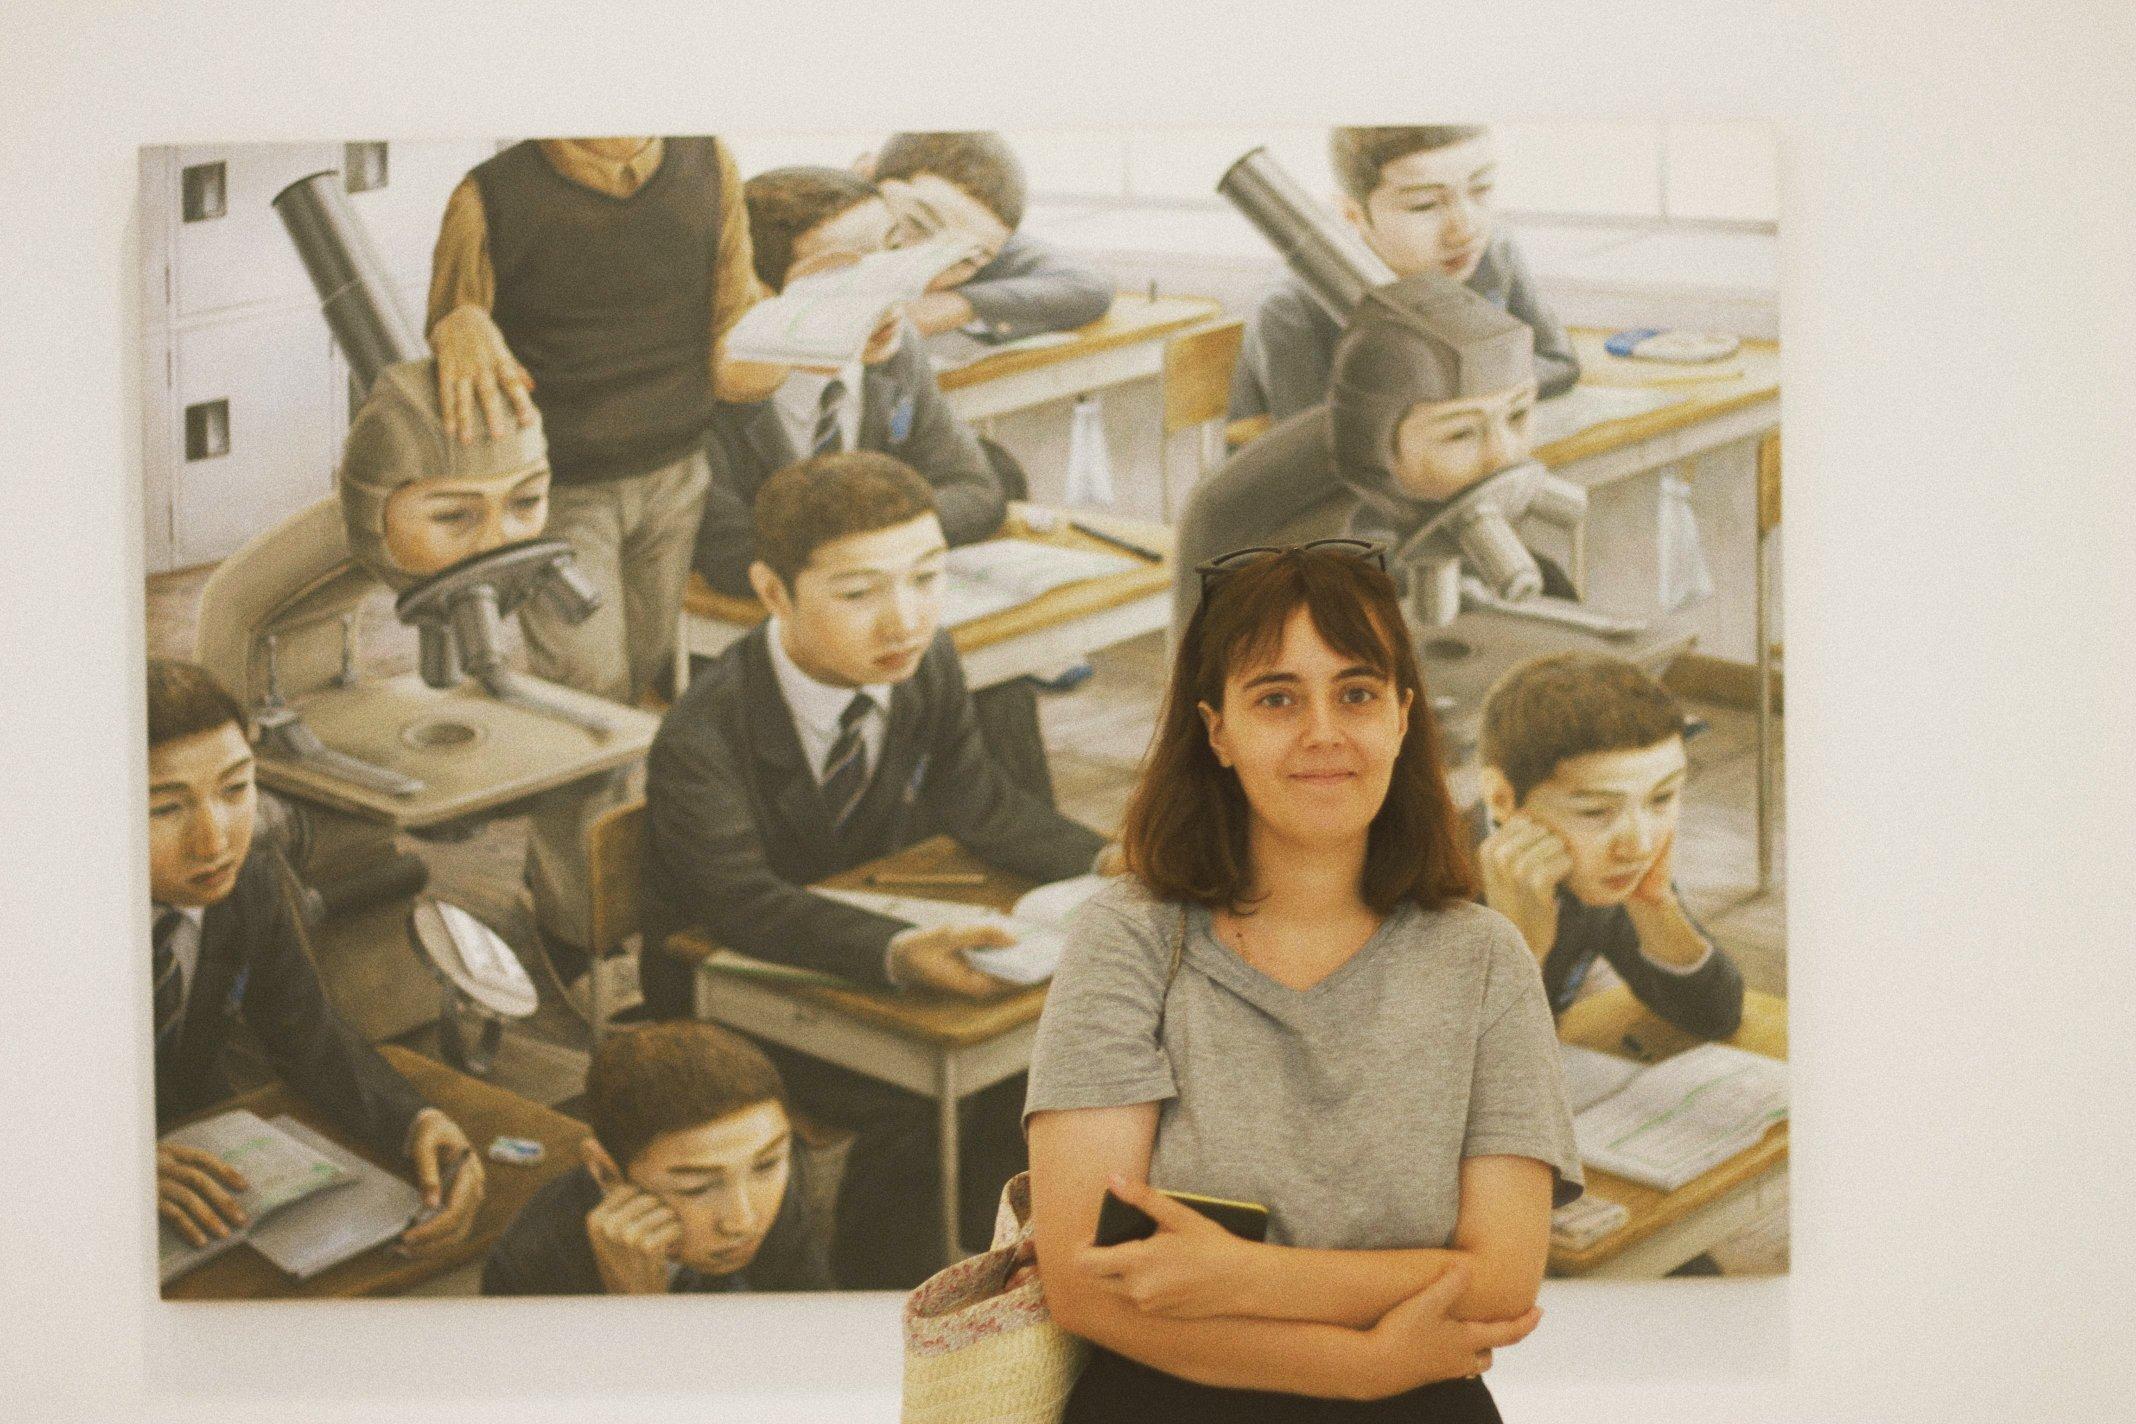 Nueva voz en el panorama cultural de Lanzarote